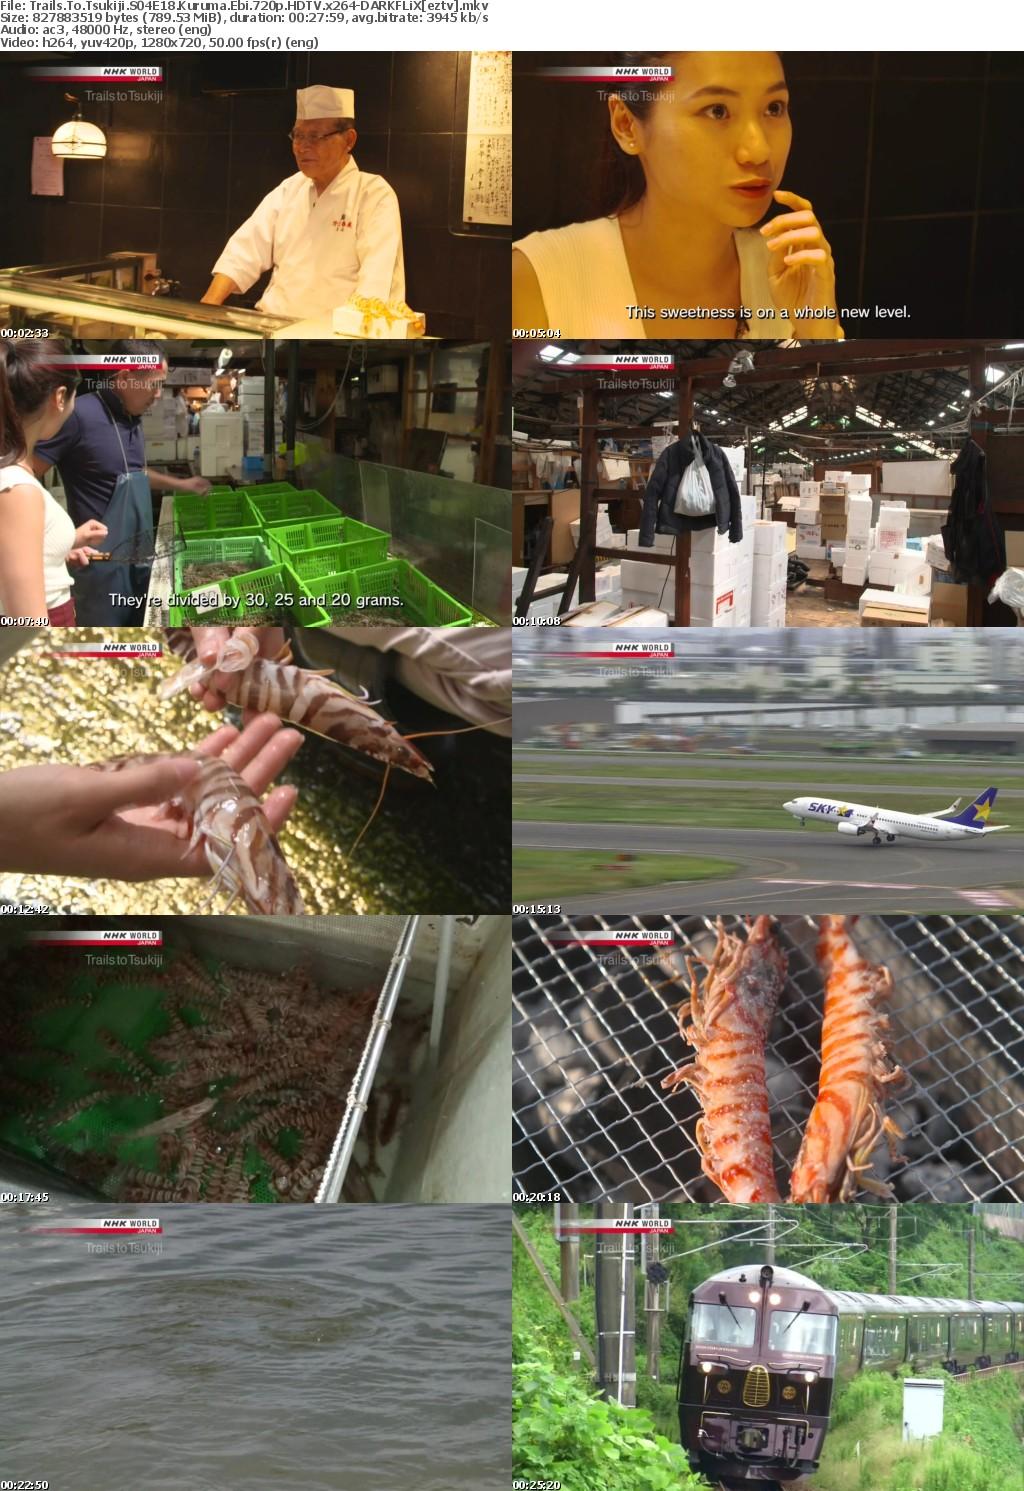 Trails To Tsukiji S04E18 Kuruma Ebi 720p HDTV x264-DARKFLiX